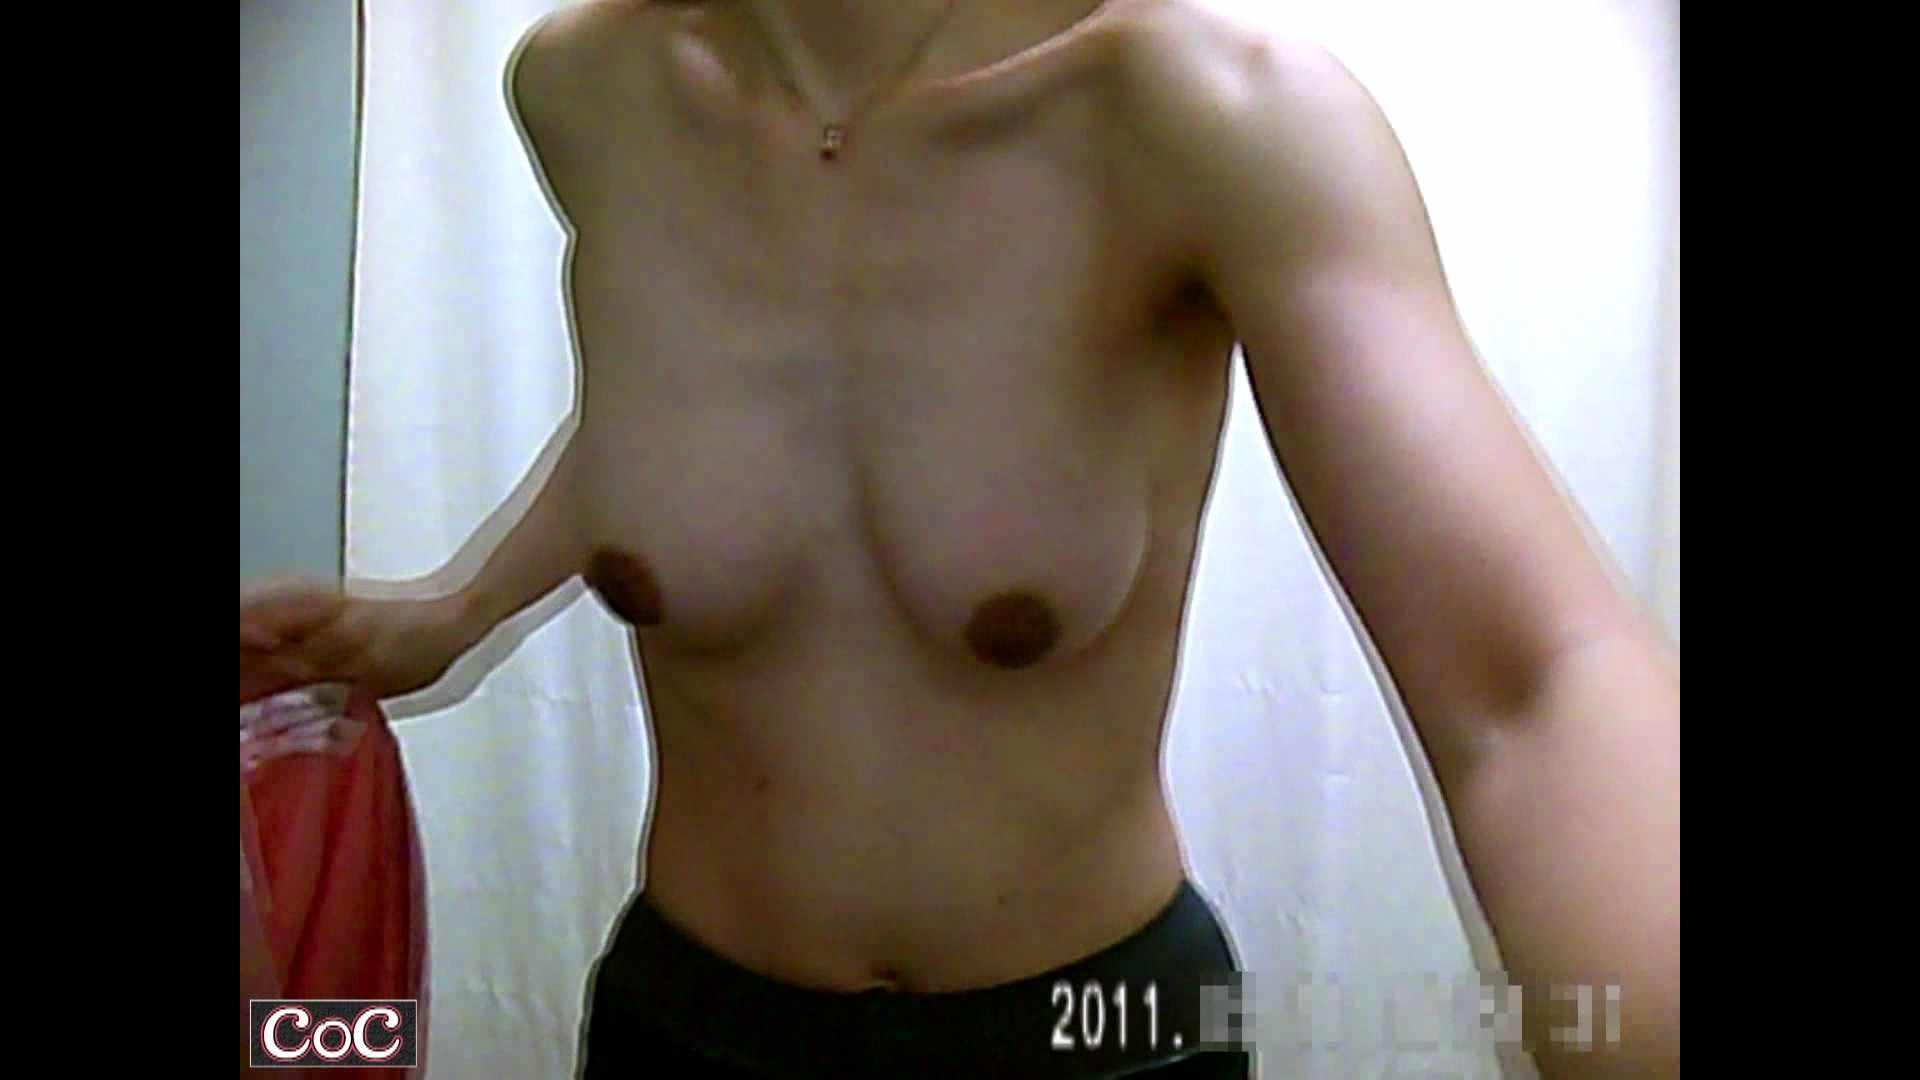 病院おもいっきり着替え! vol.124 乳首 おめこ無修正画像 103pic 33